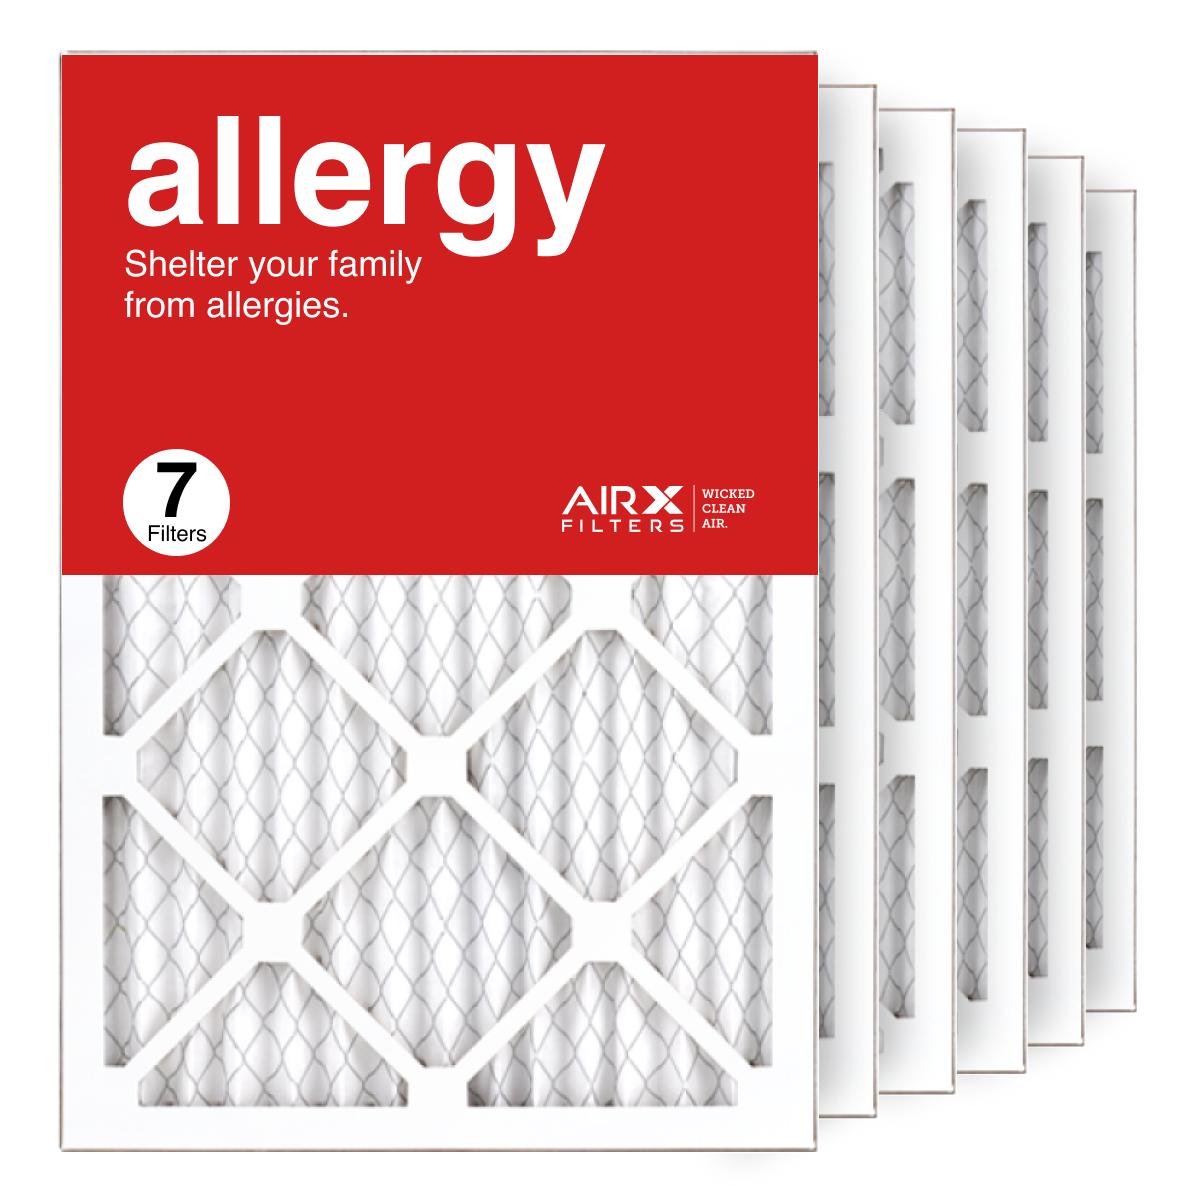 14x20x1 AIRx ALLERGY Air Filter, 7-Pack